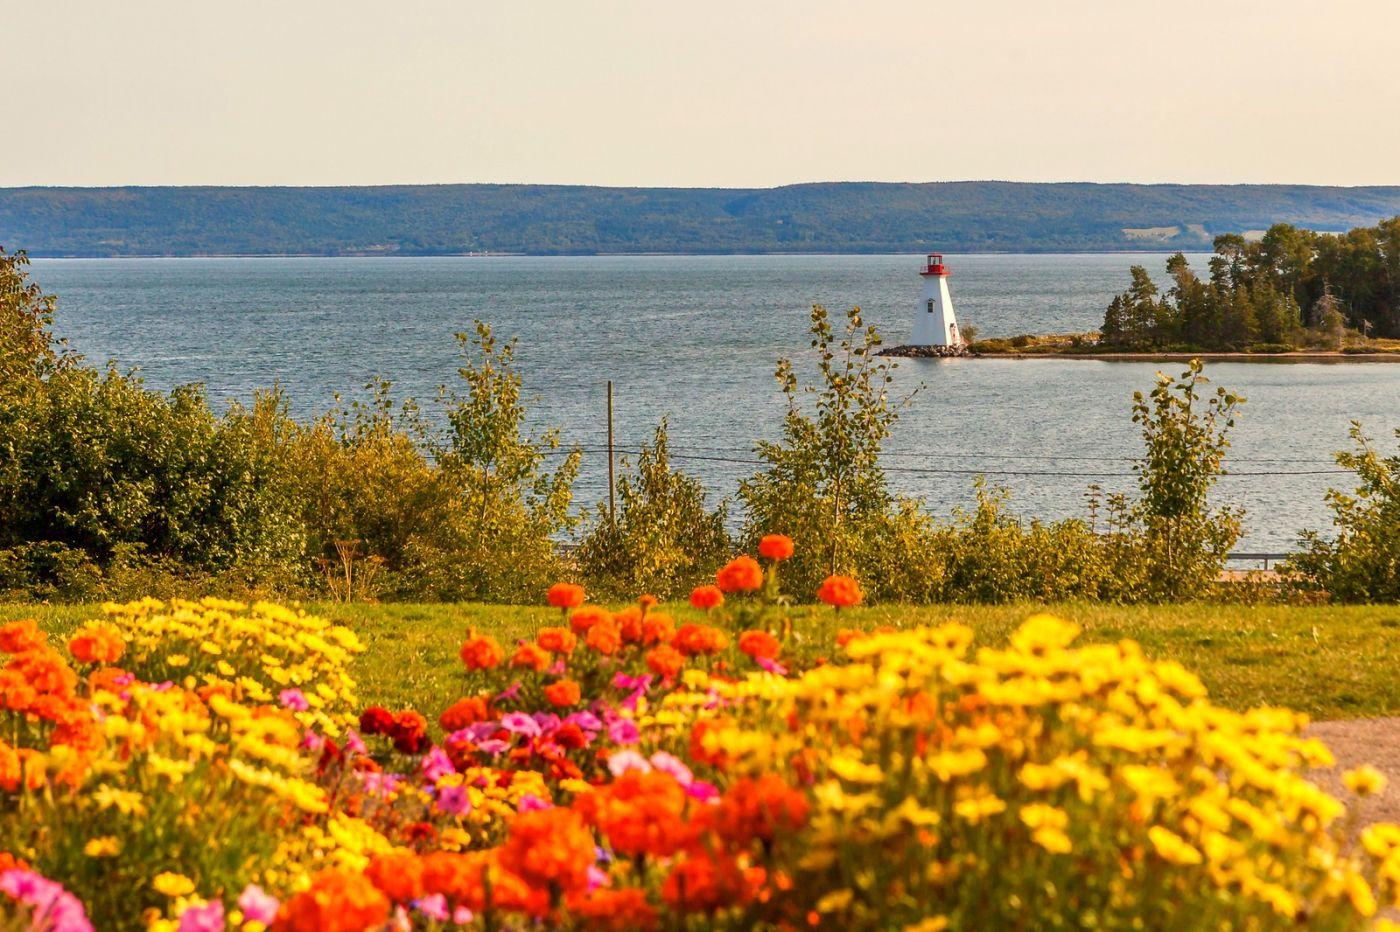 加拿大Nova Scotia, 帆船灯塔老鹰_图1-40